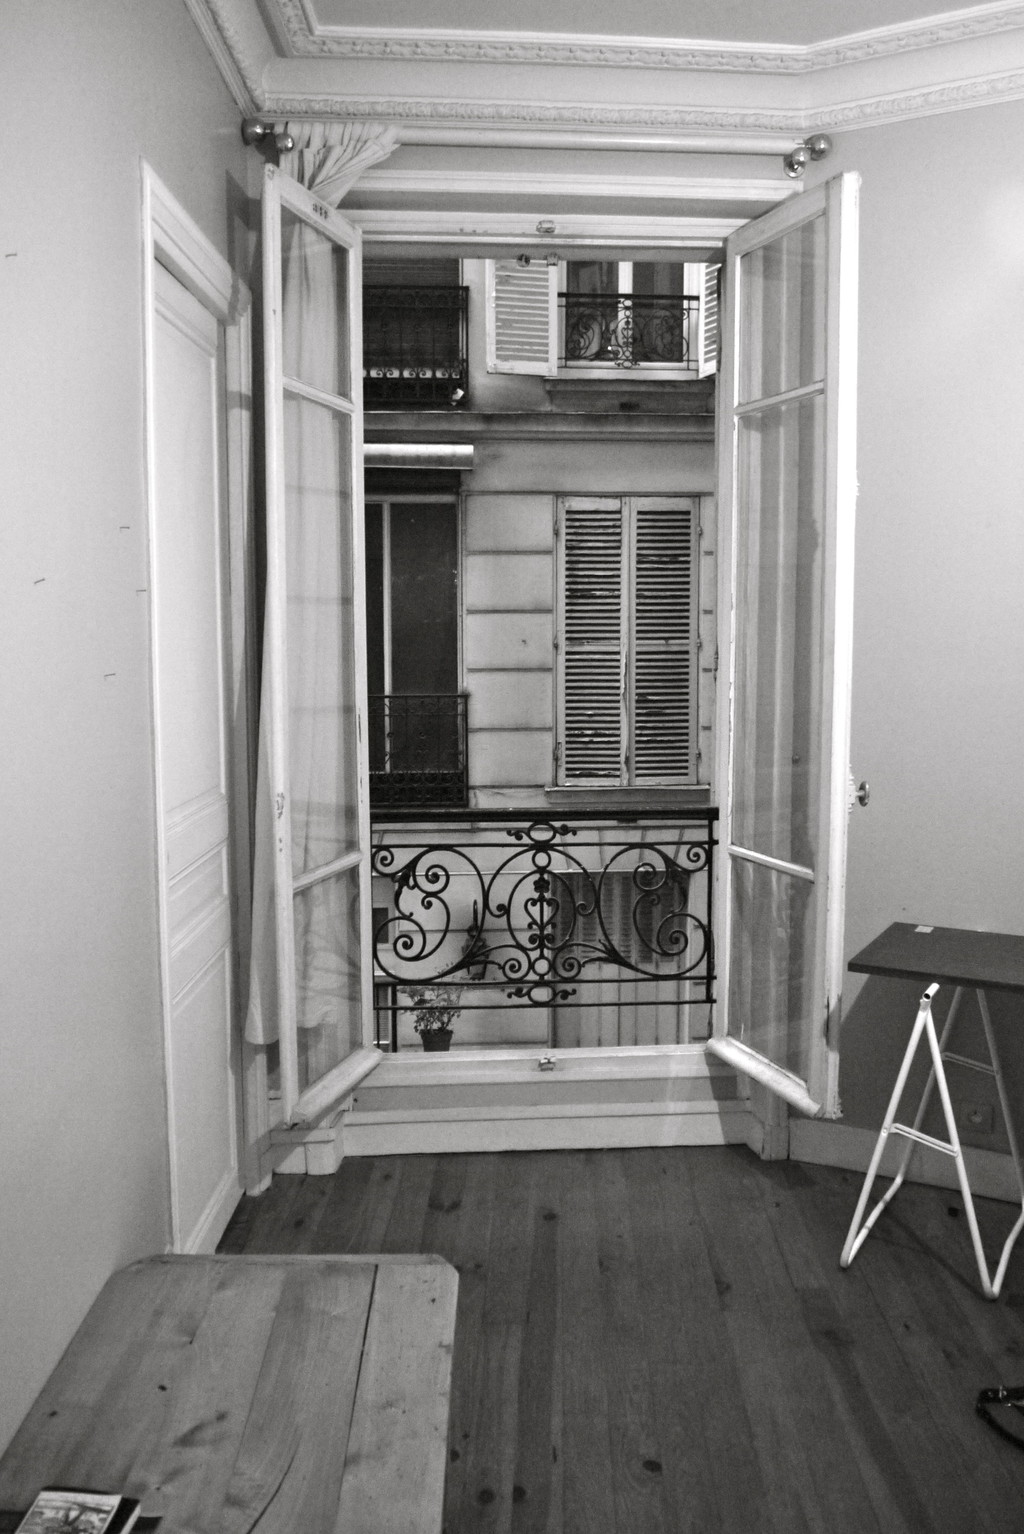 Eur650 room to rent chambre louer louis blanc jaur s room for rent paris - Chambre a louer com paris ...